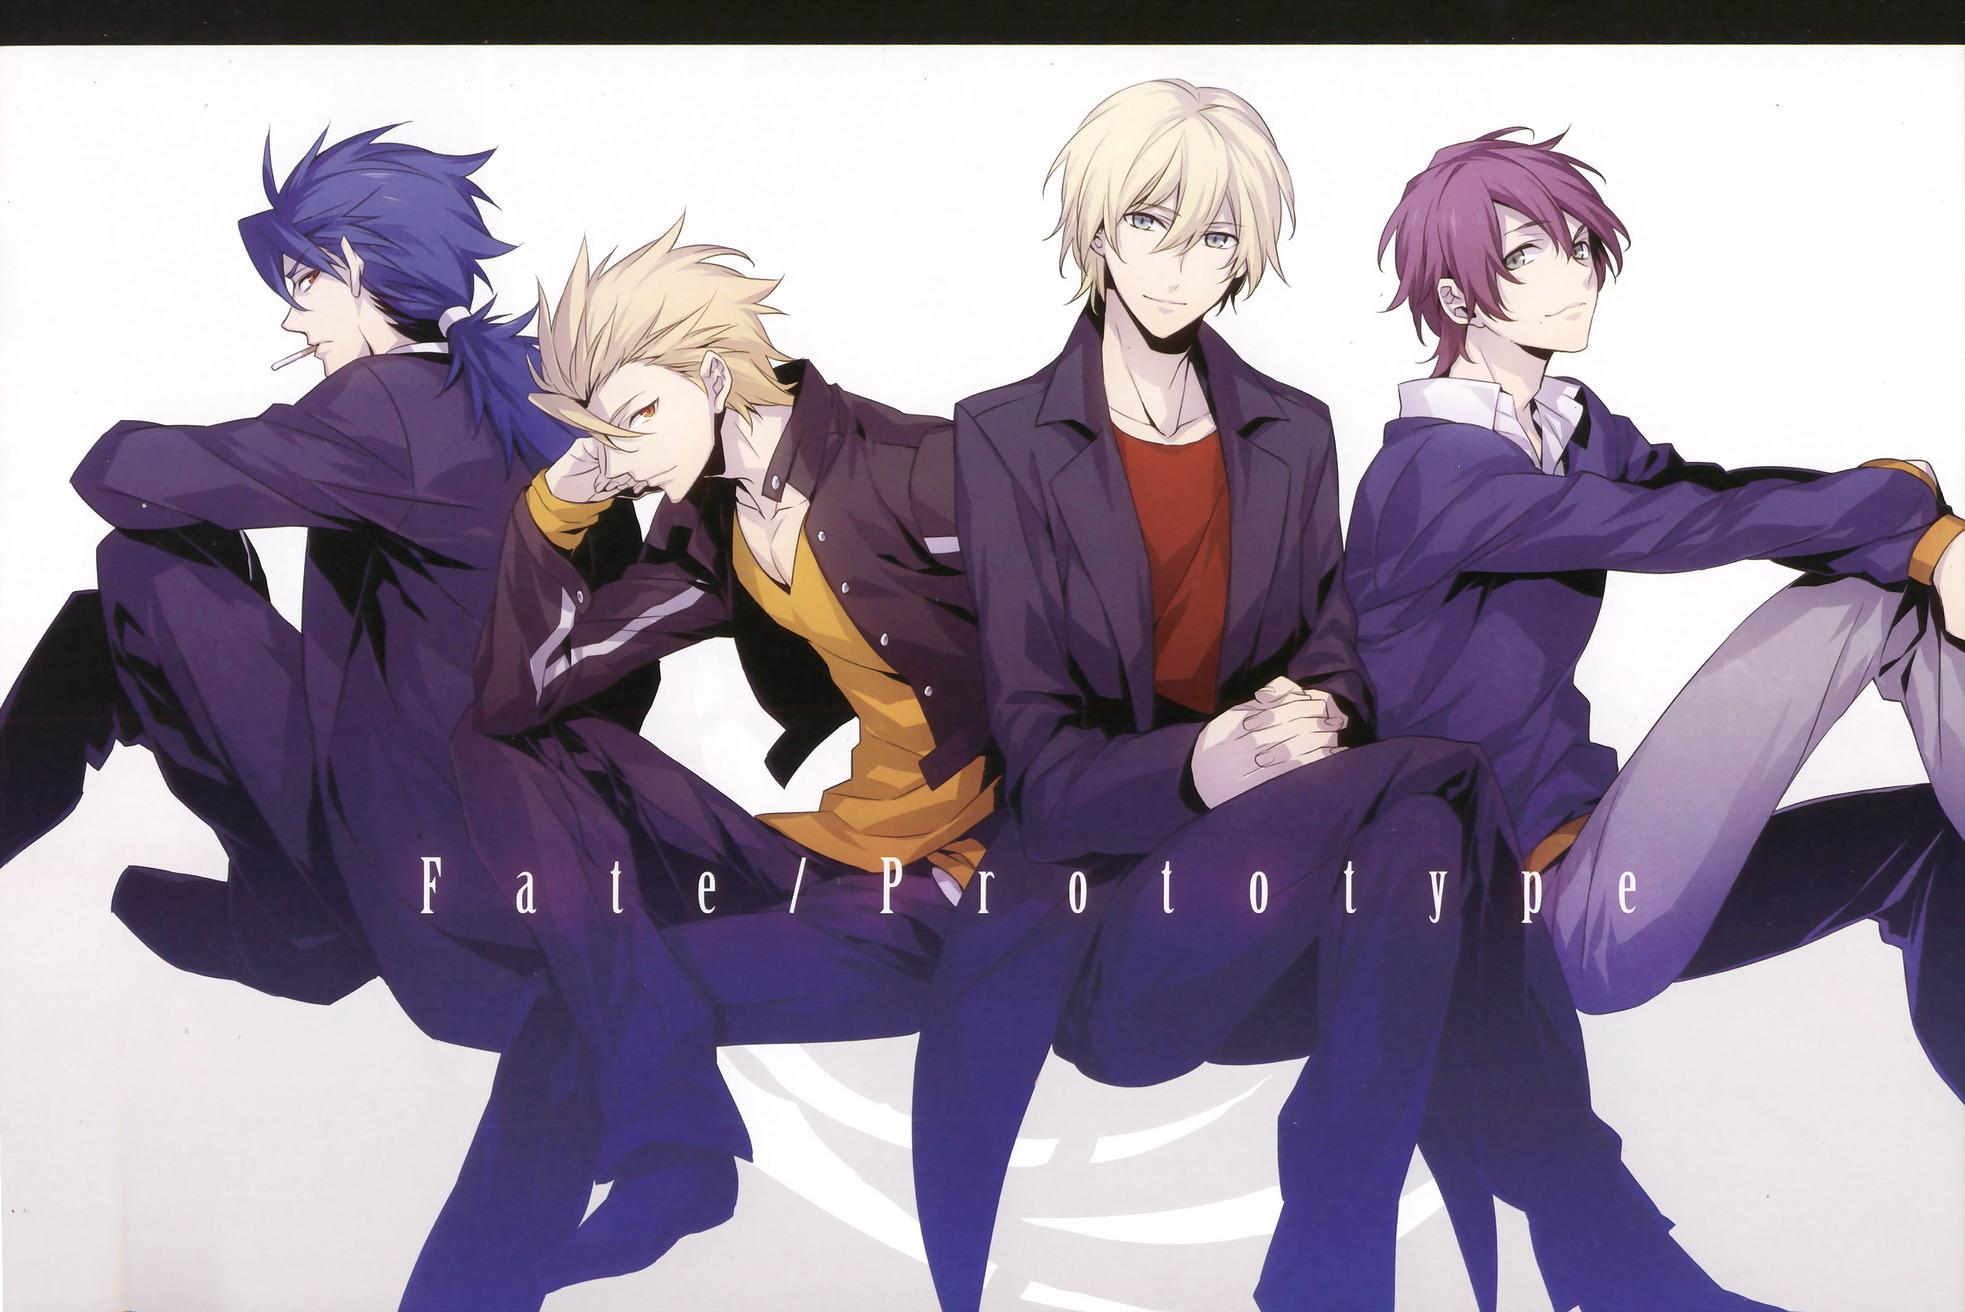 fateprototype image 1263162 zerochan anime image board